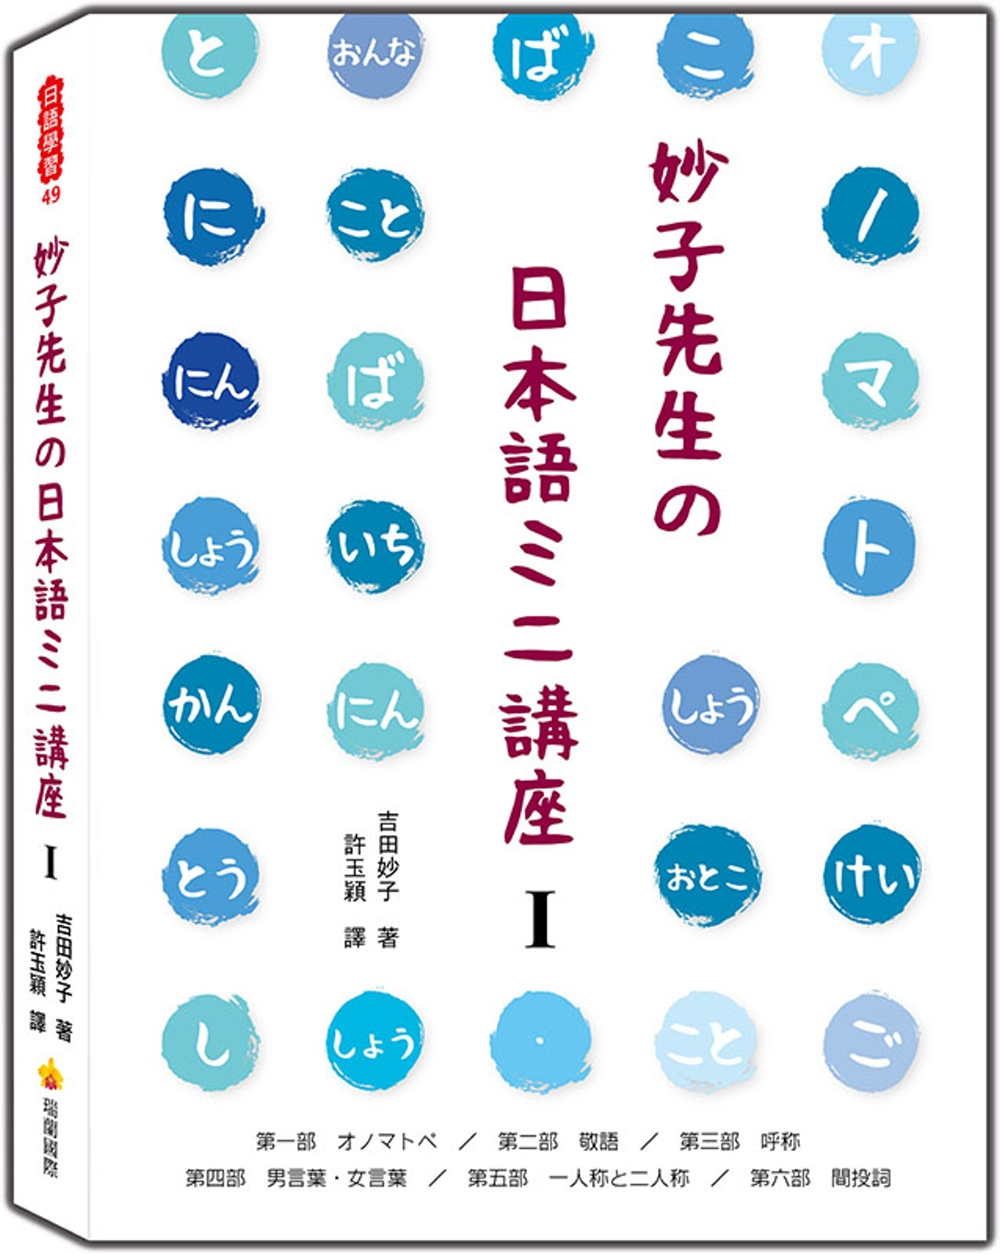 妙子先生の日本語ミニ講座Ⅰ:擬聲擬態詞、敬語、稱呼、男性用語‧女性用語、第一人稱與第二人稱、間投詞